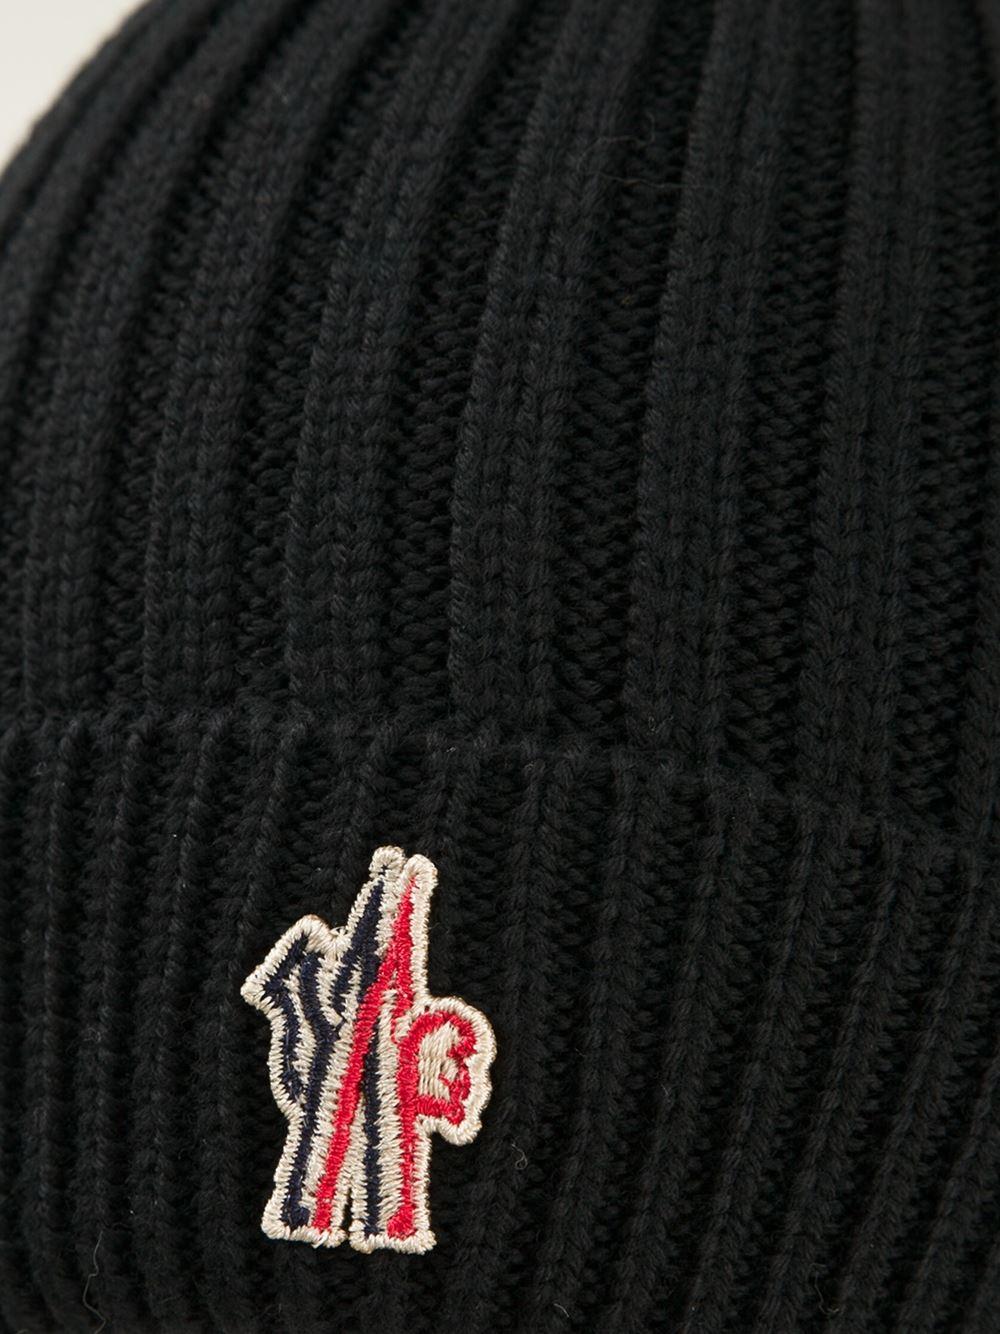 032c1f5175b22 Moncler Grenoble Logo Ribbed Beanie in Black for Men - Lyst